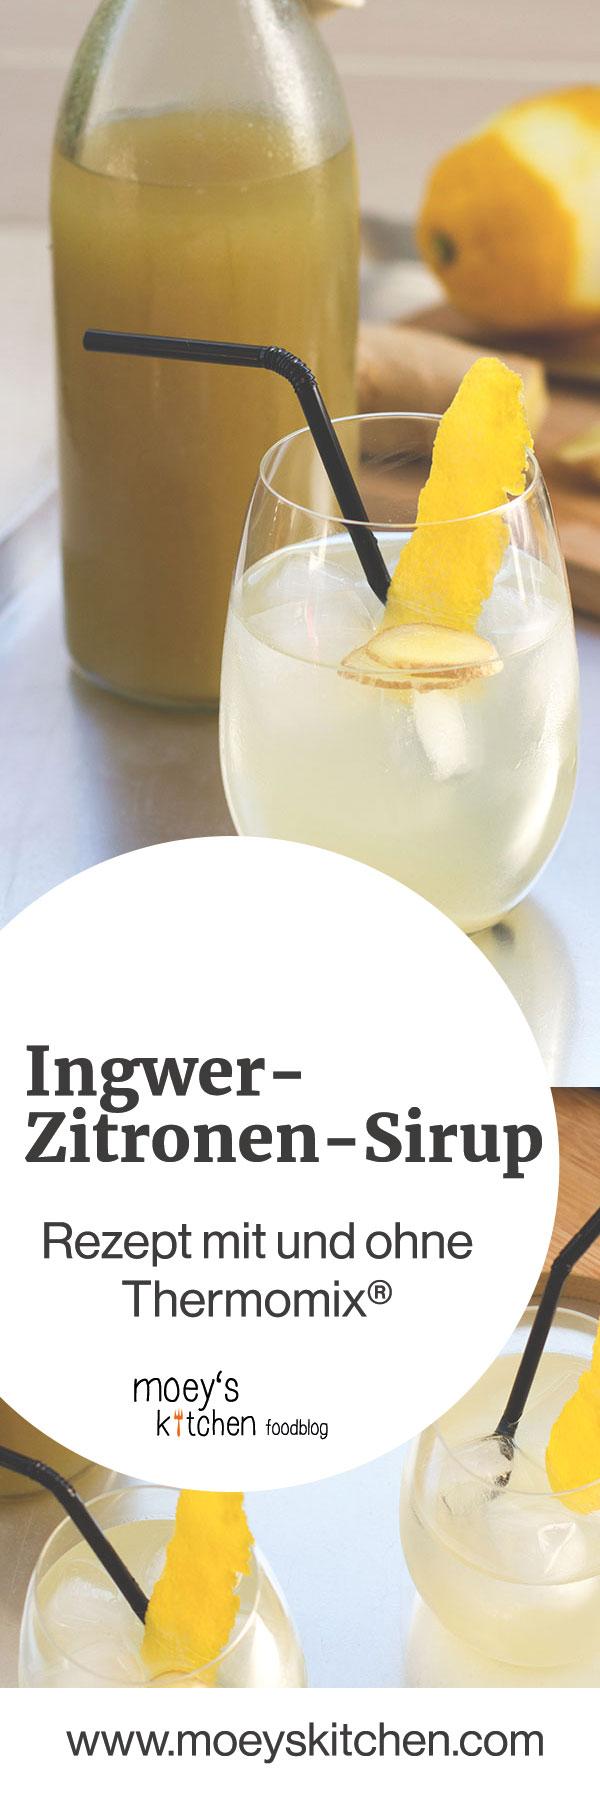 Rezept für Ingwer-Zitronen-Sirup | mit und ohne Thermomix® | moeyskitchen.com